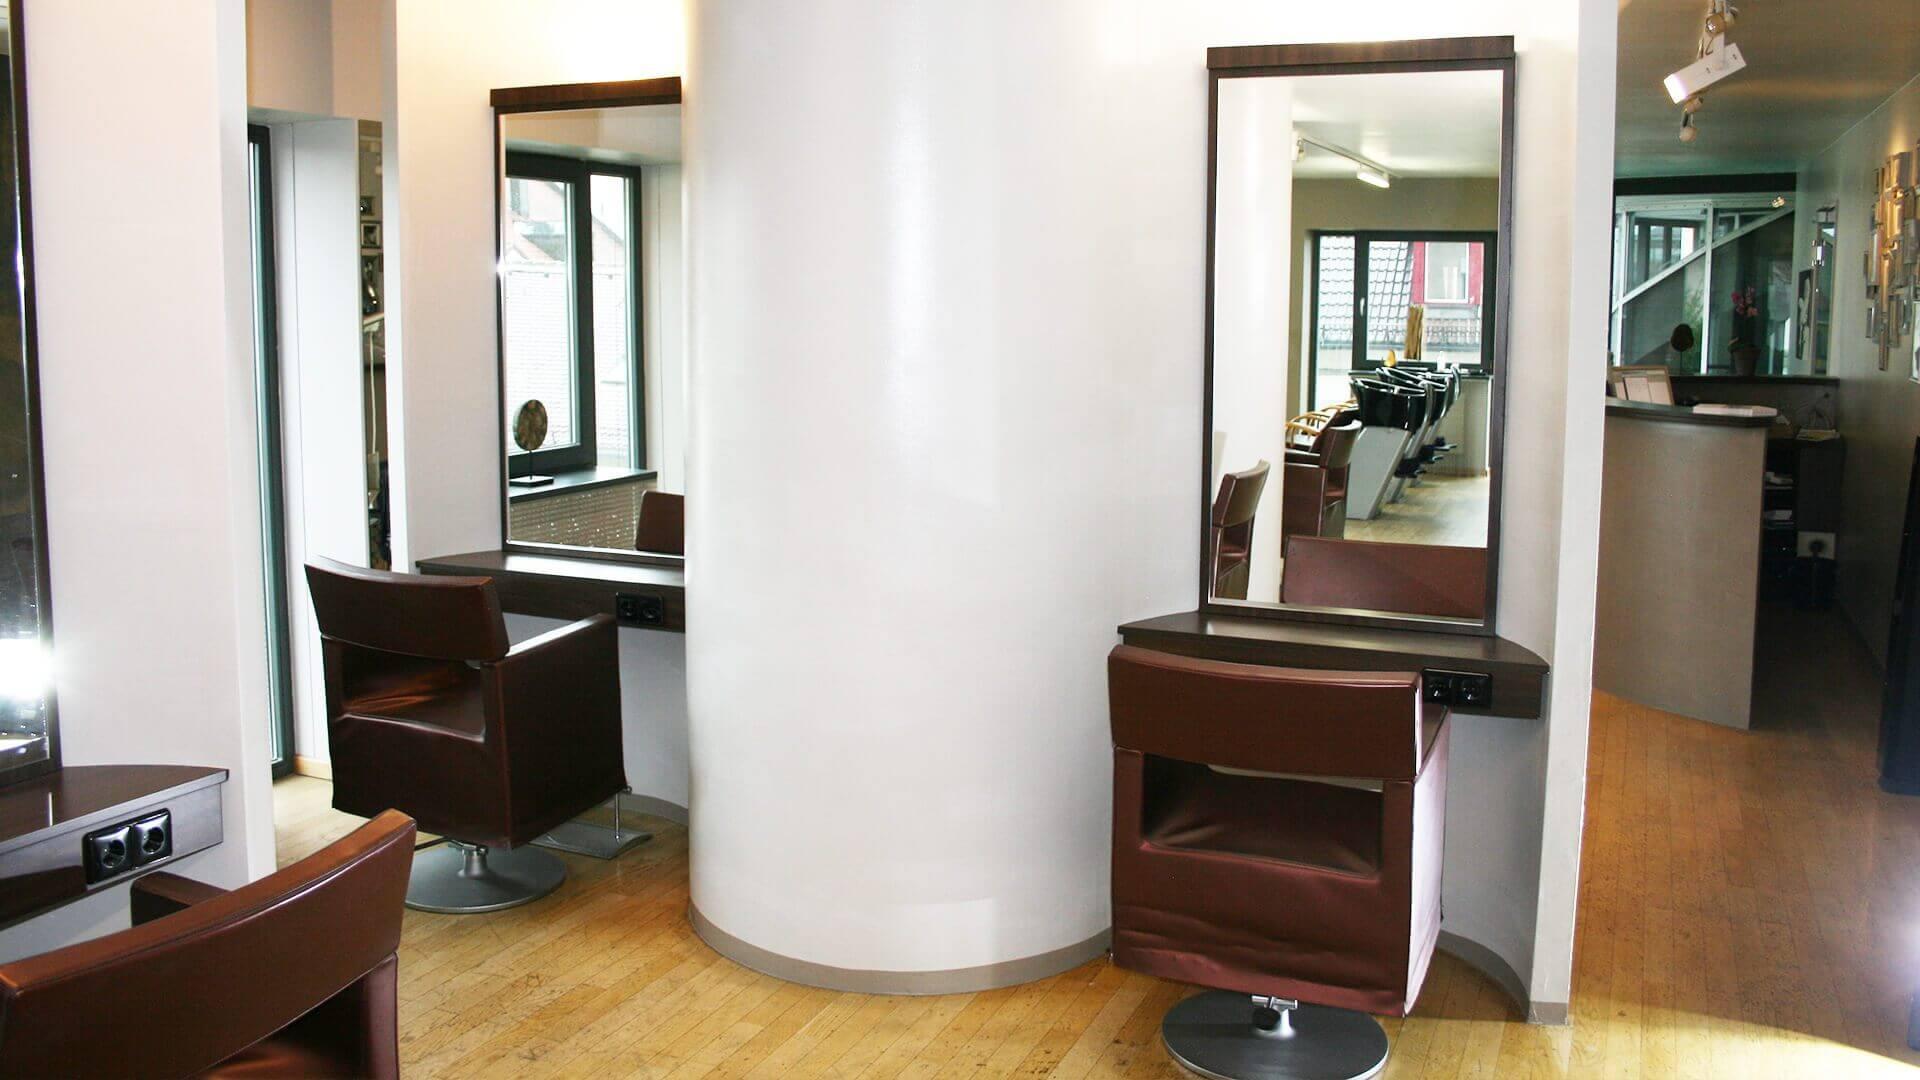 Benno Hagenbucher Friseure - Salon 2